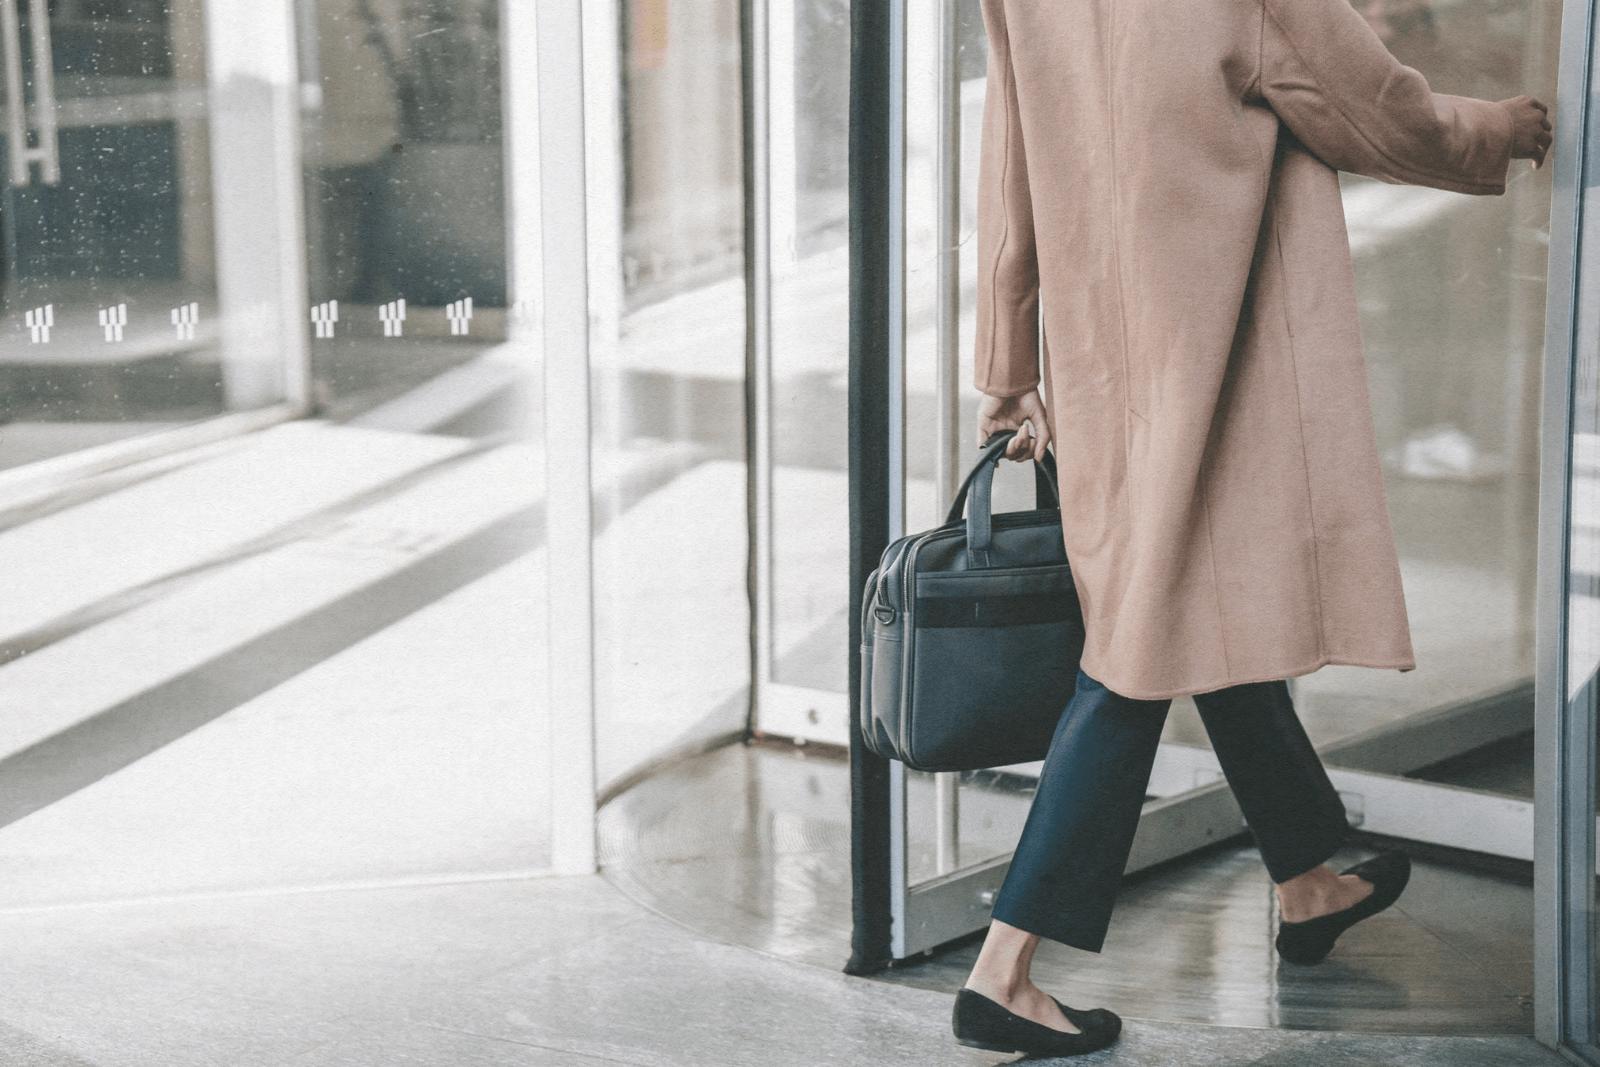 business women walking into revolving door